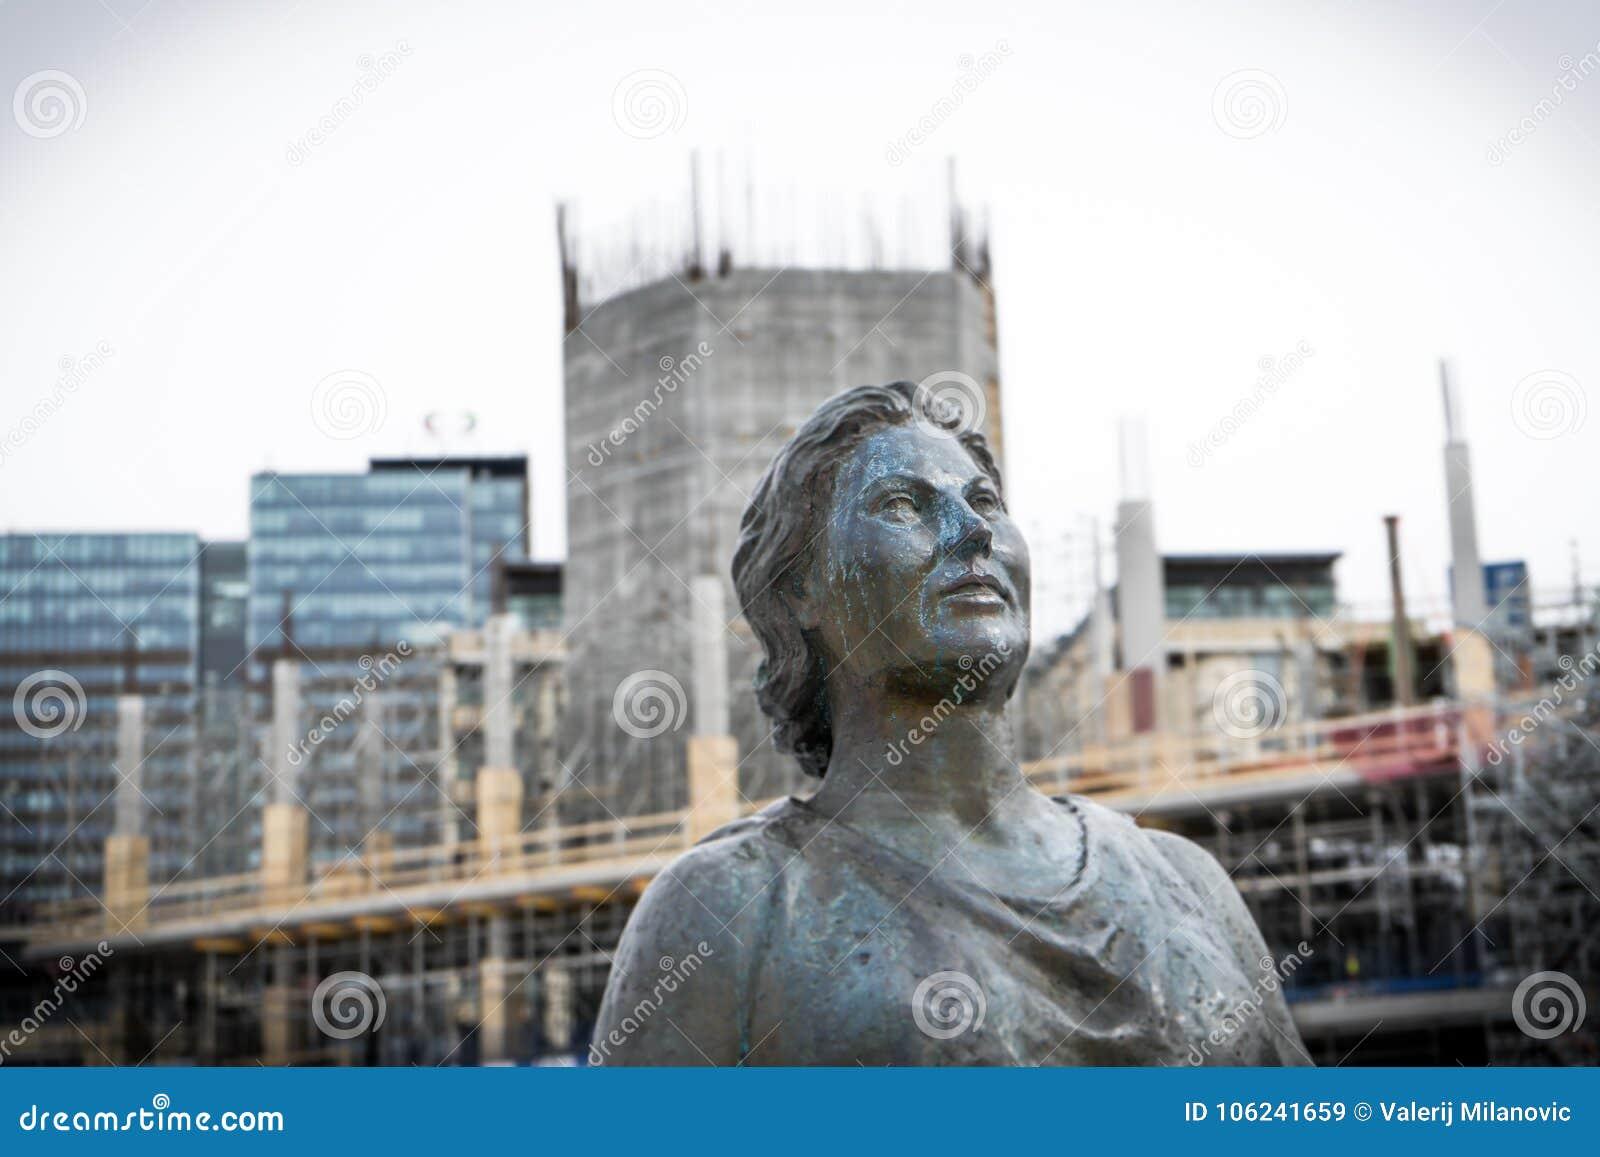 Άγαλμα μιας ισχυρής γυναίκας με το εργοτάξιο οικοδομής στο υπόβαθρο στο Όσλο